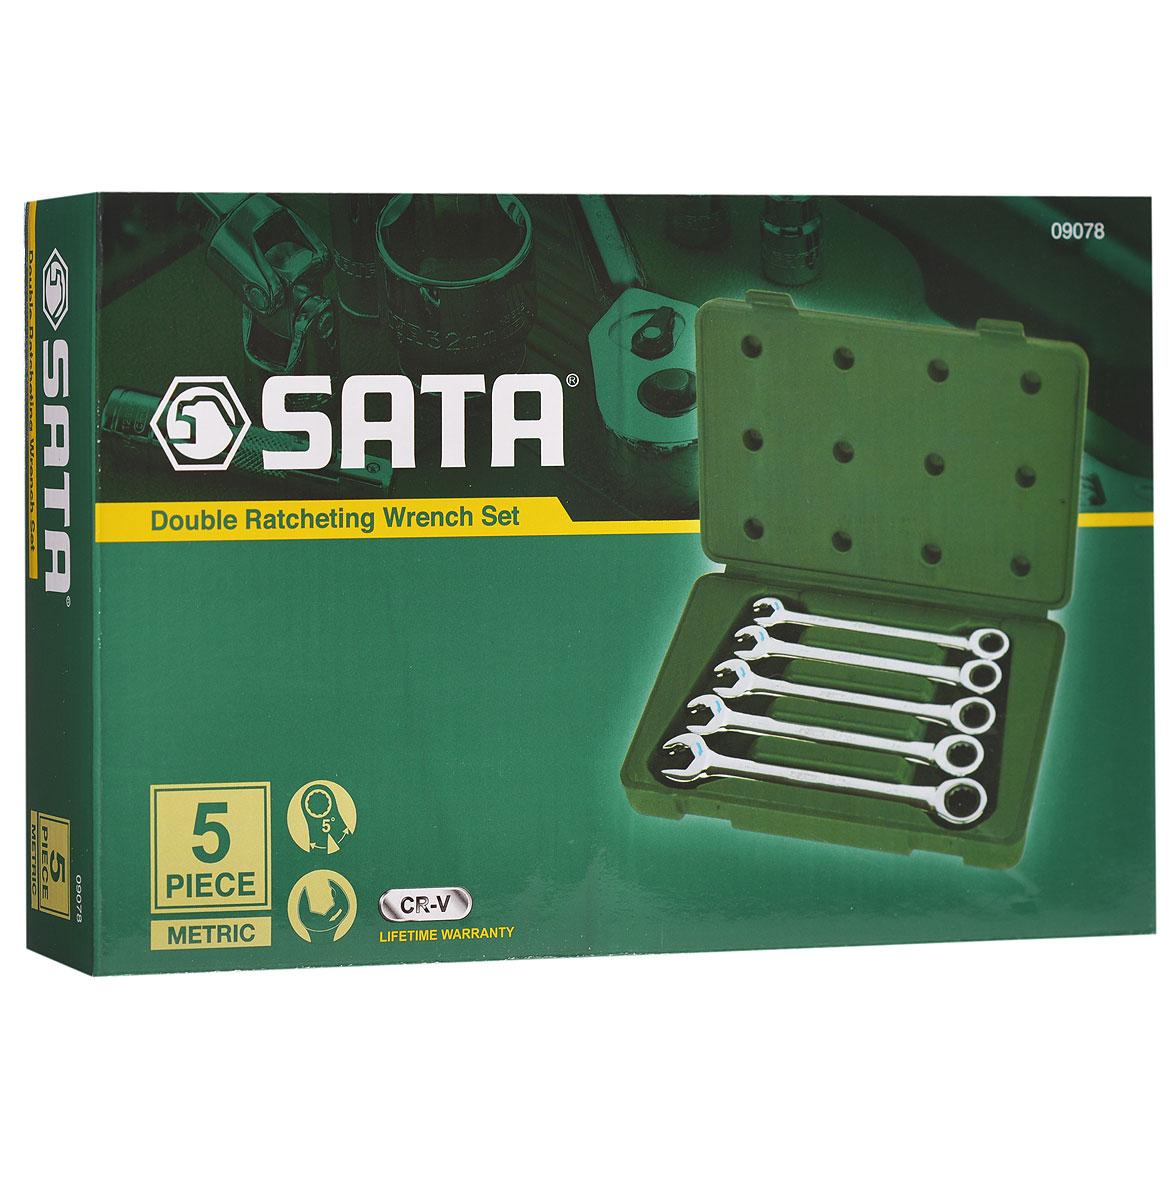 Набор ключей SATA 5пр. 0907880621Метрические комбинированные укороченные ключи Sata с реверсивным трещоточным механизмом предназначены для монтажа/демонтажа резьбовых соединений. Инструменты выполнены из высококачественной хромованадиевой стали. В комплекте пластиковый кейс для переноски и хранения.В набор входят ключи размером: 10 мм, 11 мм, 12 мм, 13 мм, 14 мм.